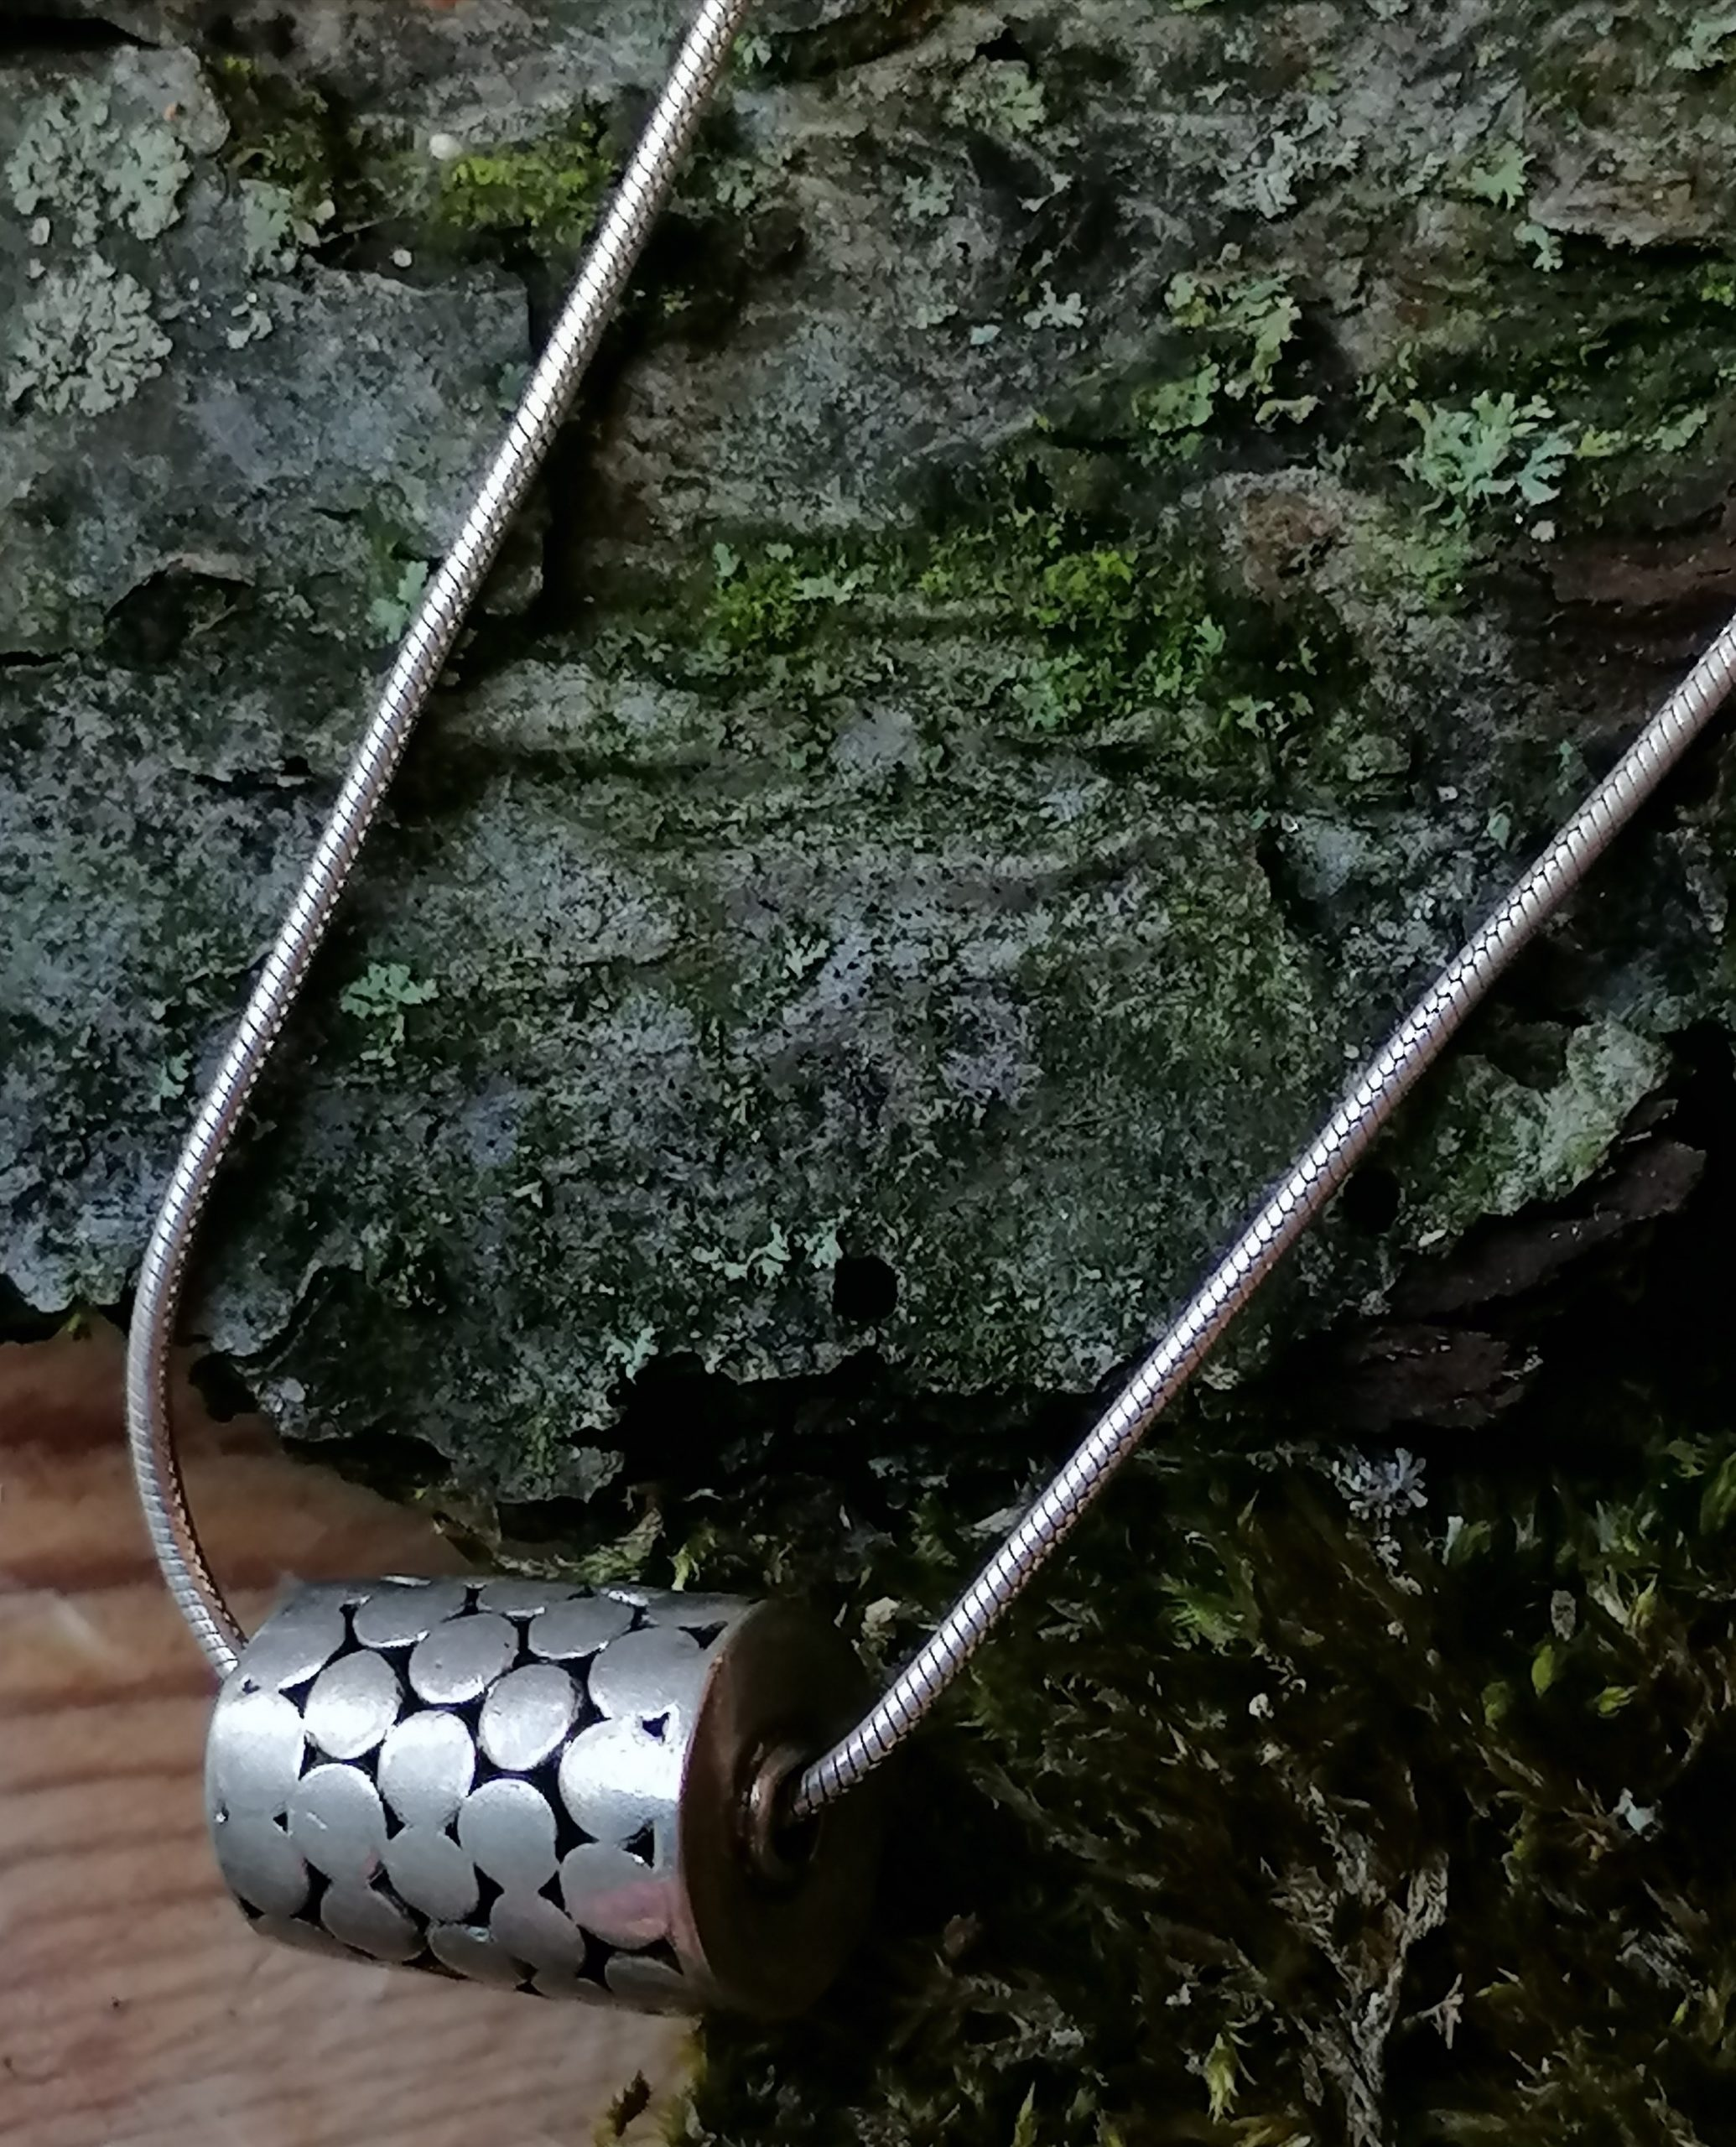 Designer Kette Silber 925 Anhänger Zylinder mit Kreisen belötet 40 cm